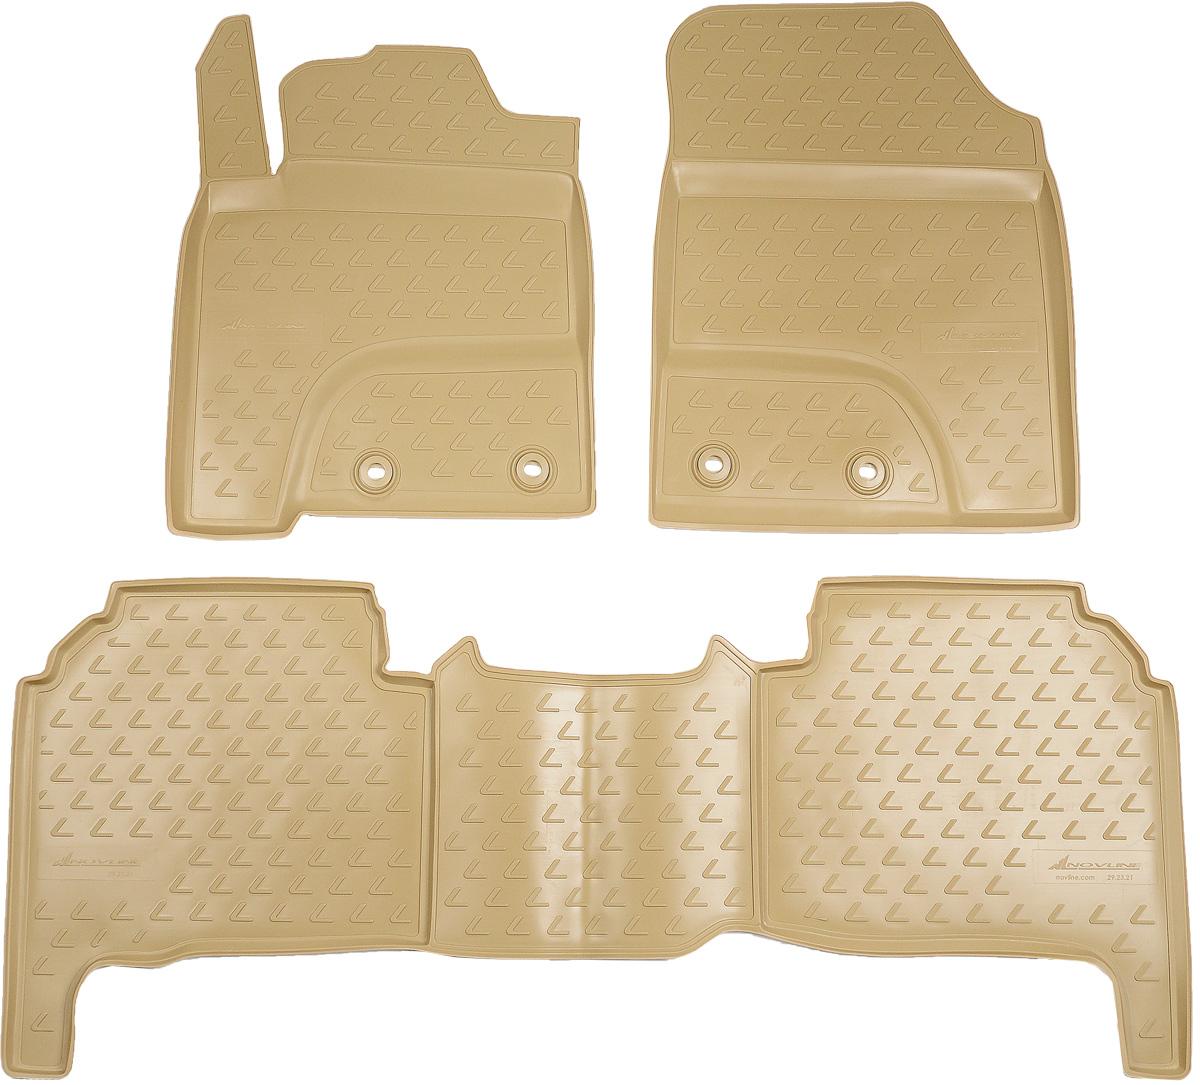 Коврики в салон автомобиля Novline-Autofamily, для Lexus LX570 2012->, 5 мест, 3 штTEMP-05Коврики в салон Novline-Autofamily не только улучшат внешний вид салона вашего автомобиля, но и надежно уберегут его от пыли, грязи и сырости, а значит, защитят кузов от коррозии. Полиуретановые коврики для автомобиля гладкие, приятные и не пропускают влагу. Автомобильные коврики в салон учитывают все особенности каждой модели и полностью повторяют контуры пола. Благодаря этому их не нужно будет подгибать или обрезать. И самое главное - они не будут мешать педалям.Полиуретановые автомобильные коврики для салона произведены из высококачественного материала, который держит форму и не пачкает обувь. К тому же, этот материал очень прочный (его, к примеру, не получится проткнуть каблуком).Некоторые автоковрики становятся источником неприятного запаха в автомобиле. С полиуретановыми ковриками Novline-Autofamily вы можете этого не бояться.Коврики для автомобилей надежно крепятся на полу и не скользят, что очень важно во время движения, особенно для водителя.Коврики из полиуретана надежно удерживают грязь и влагу, при этом всегда выглядят довольно опрятно. И чистятся они очень просто: как при помощи автомобильного пылесоса, так и различными моющими средствами.